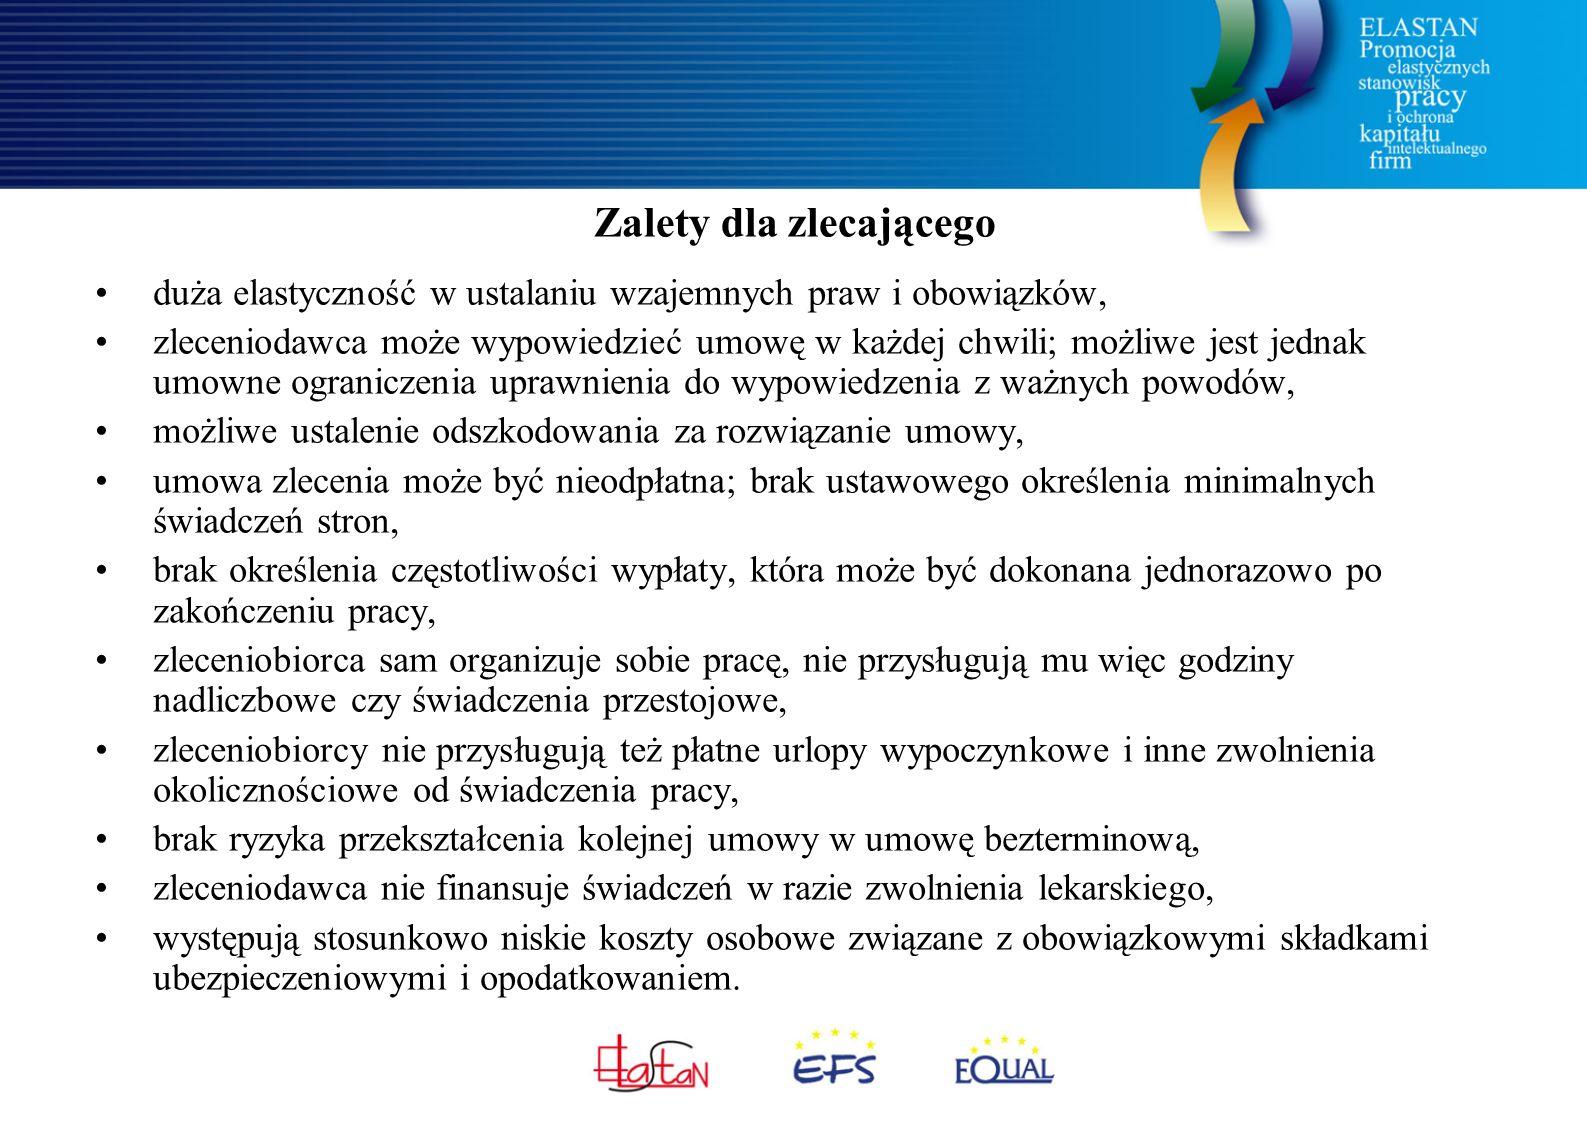 Zalety dla zlecającego duża elastyczność w ustalaniu wzajemnych praw i obowiązków, zleceniodawca może wypowiedzieć umowę w każdej chwili; możliwe jest